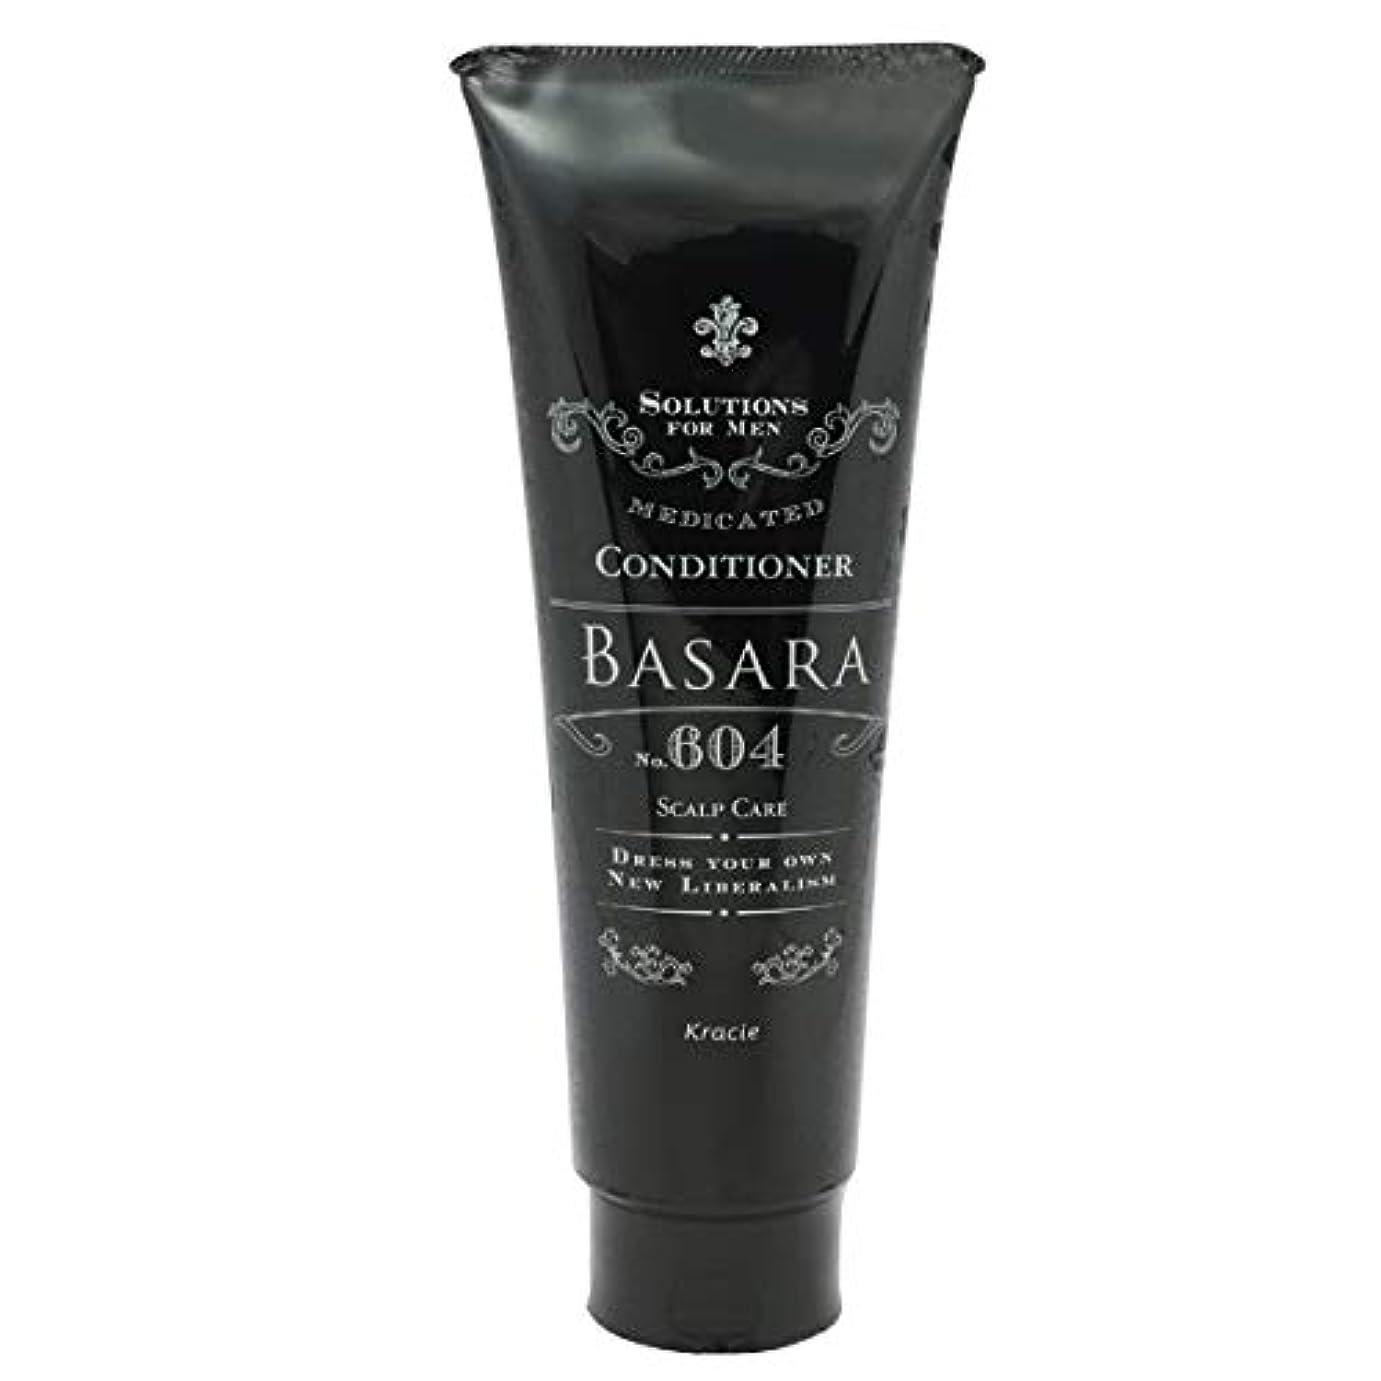 致命的壁圧倒するサロンモード(Salon Mode) クラシエ バサラ 薬用スカルプ コンディショナー 604 250g